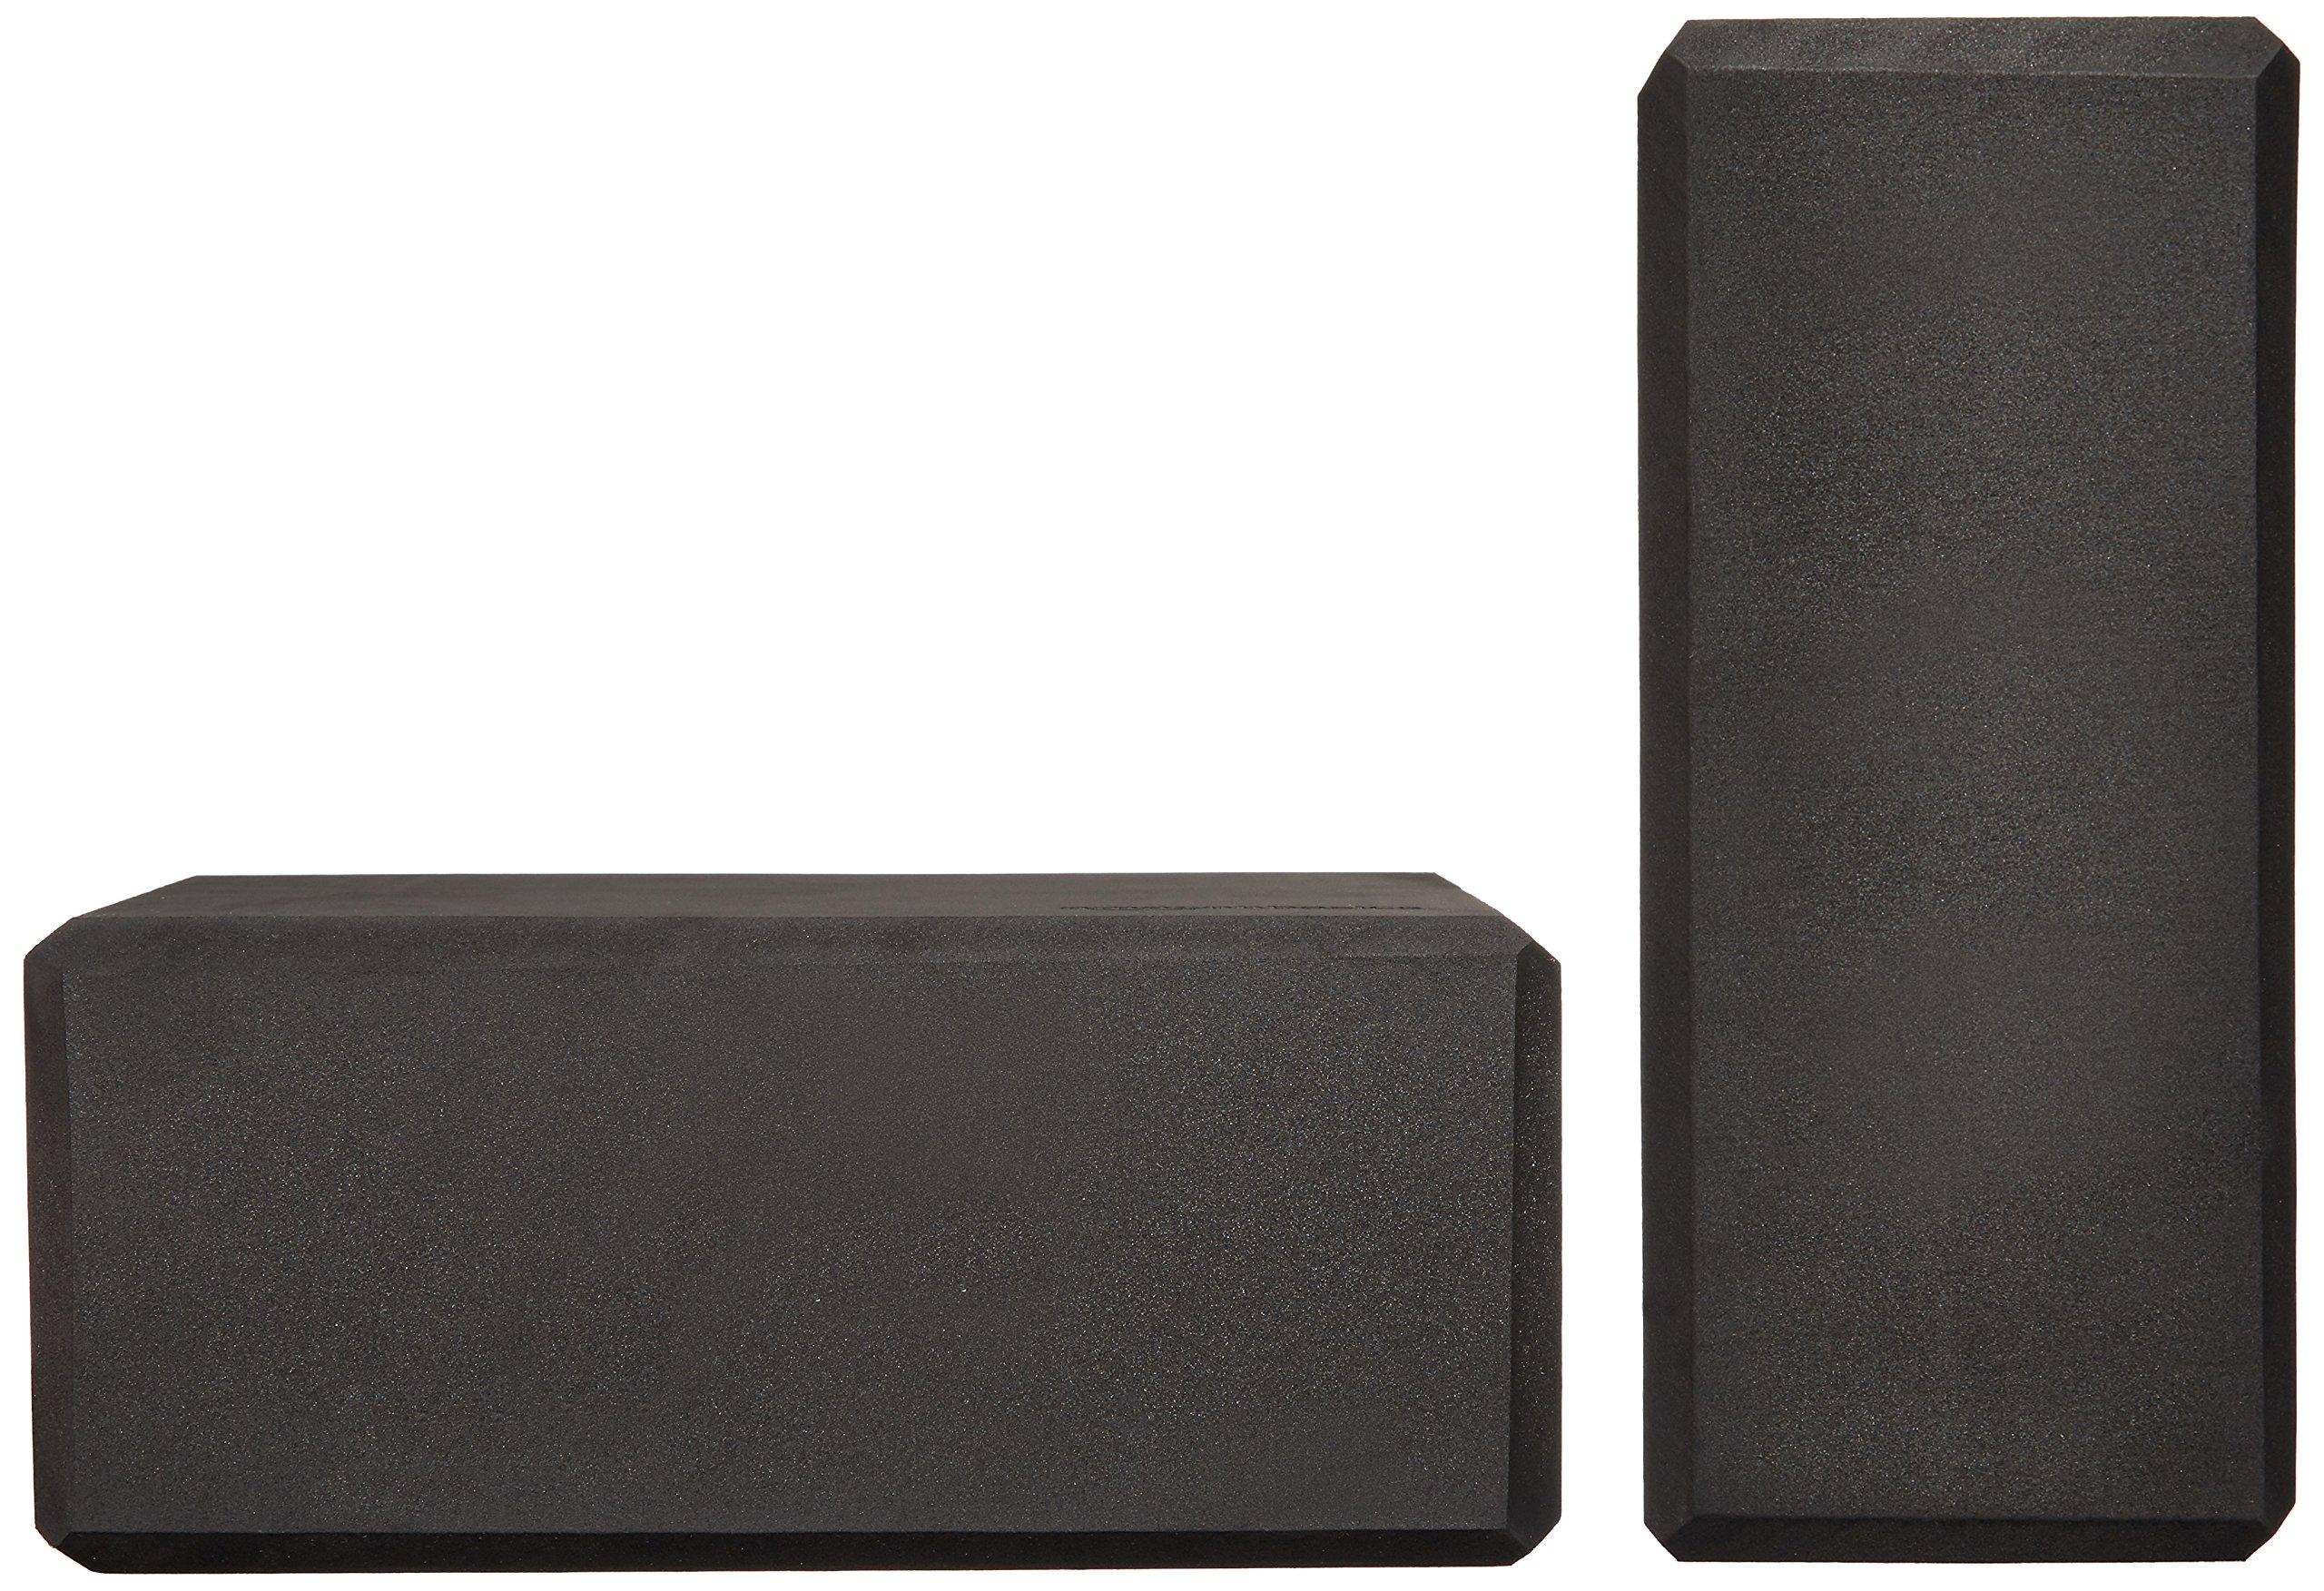 AmazonBasics Foam Yoga Blocks - 4 x 9 x 6 Inches, Set of 2, Black by AmazonBasics (Image #5)